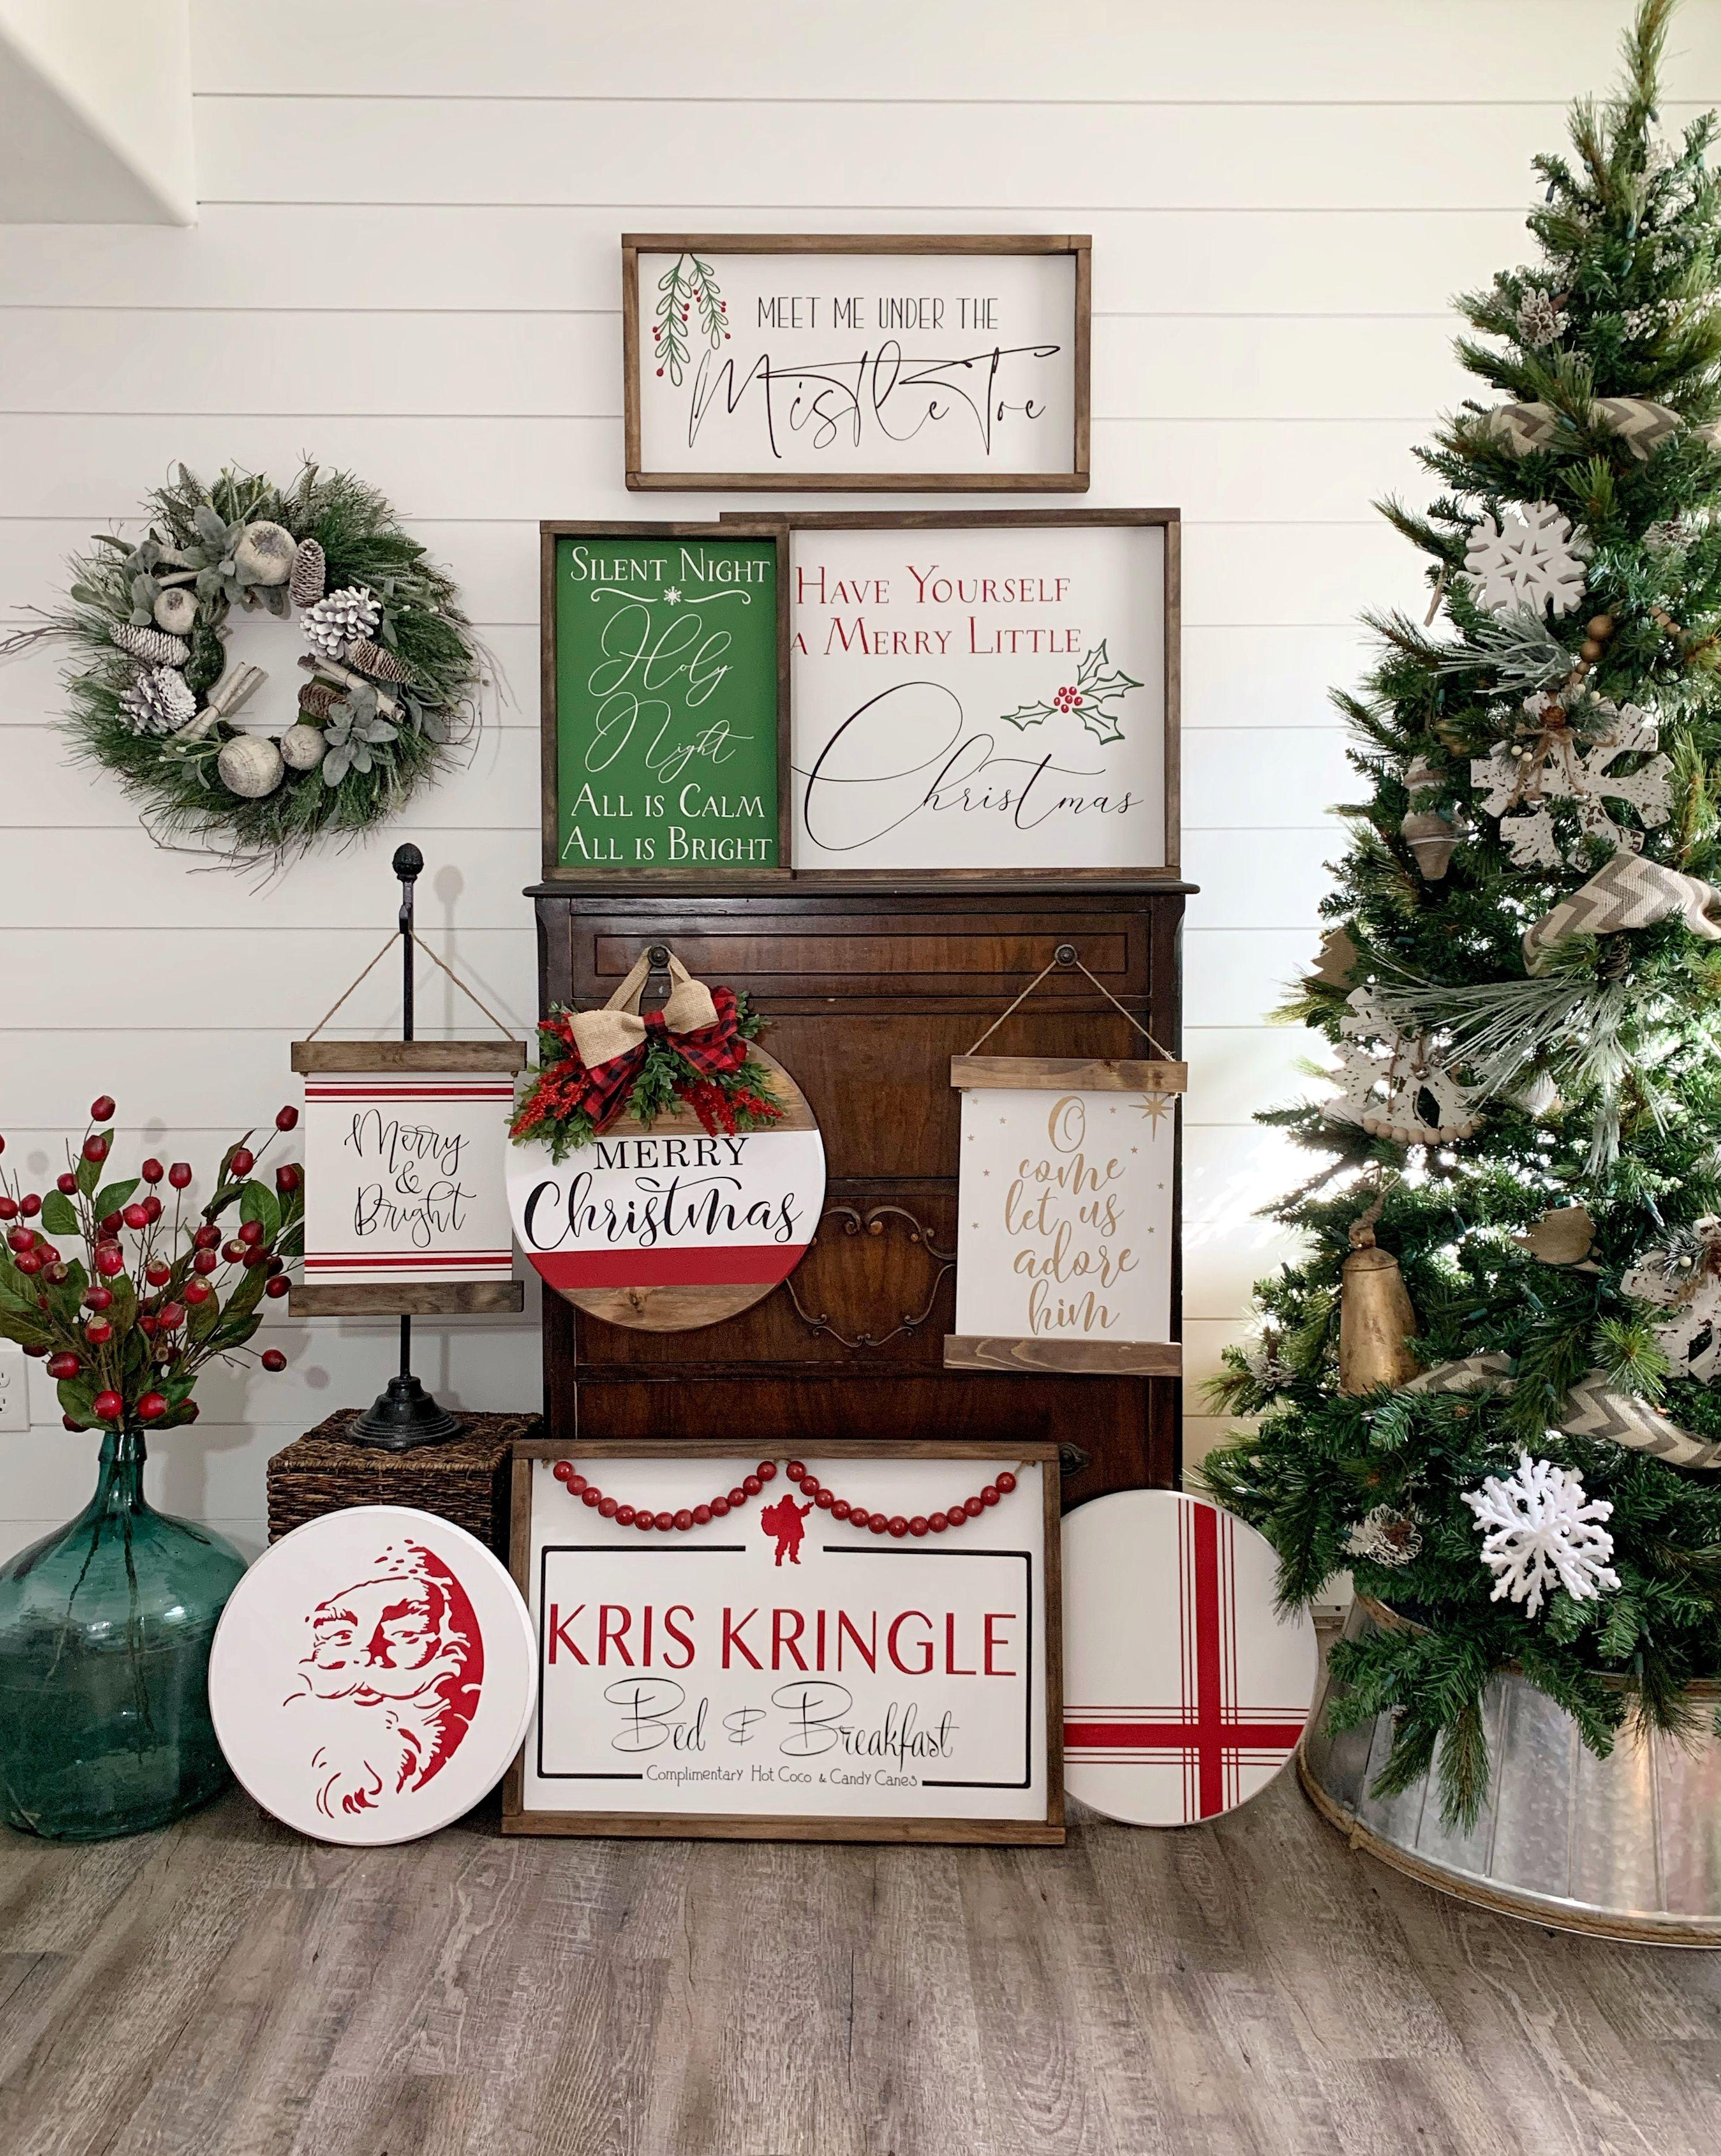 Christmas Collection Christmas Signs Christmas Wood Signs Holiday Decor Farmhouse Christmas Signs Christmas Signs Wood Merry Christmas Sign Christmas Signs